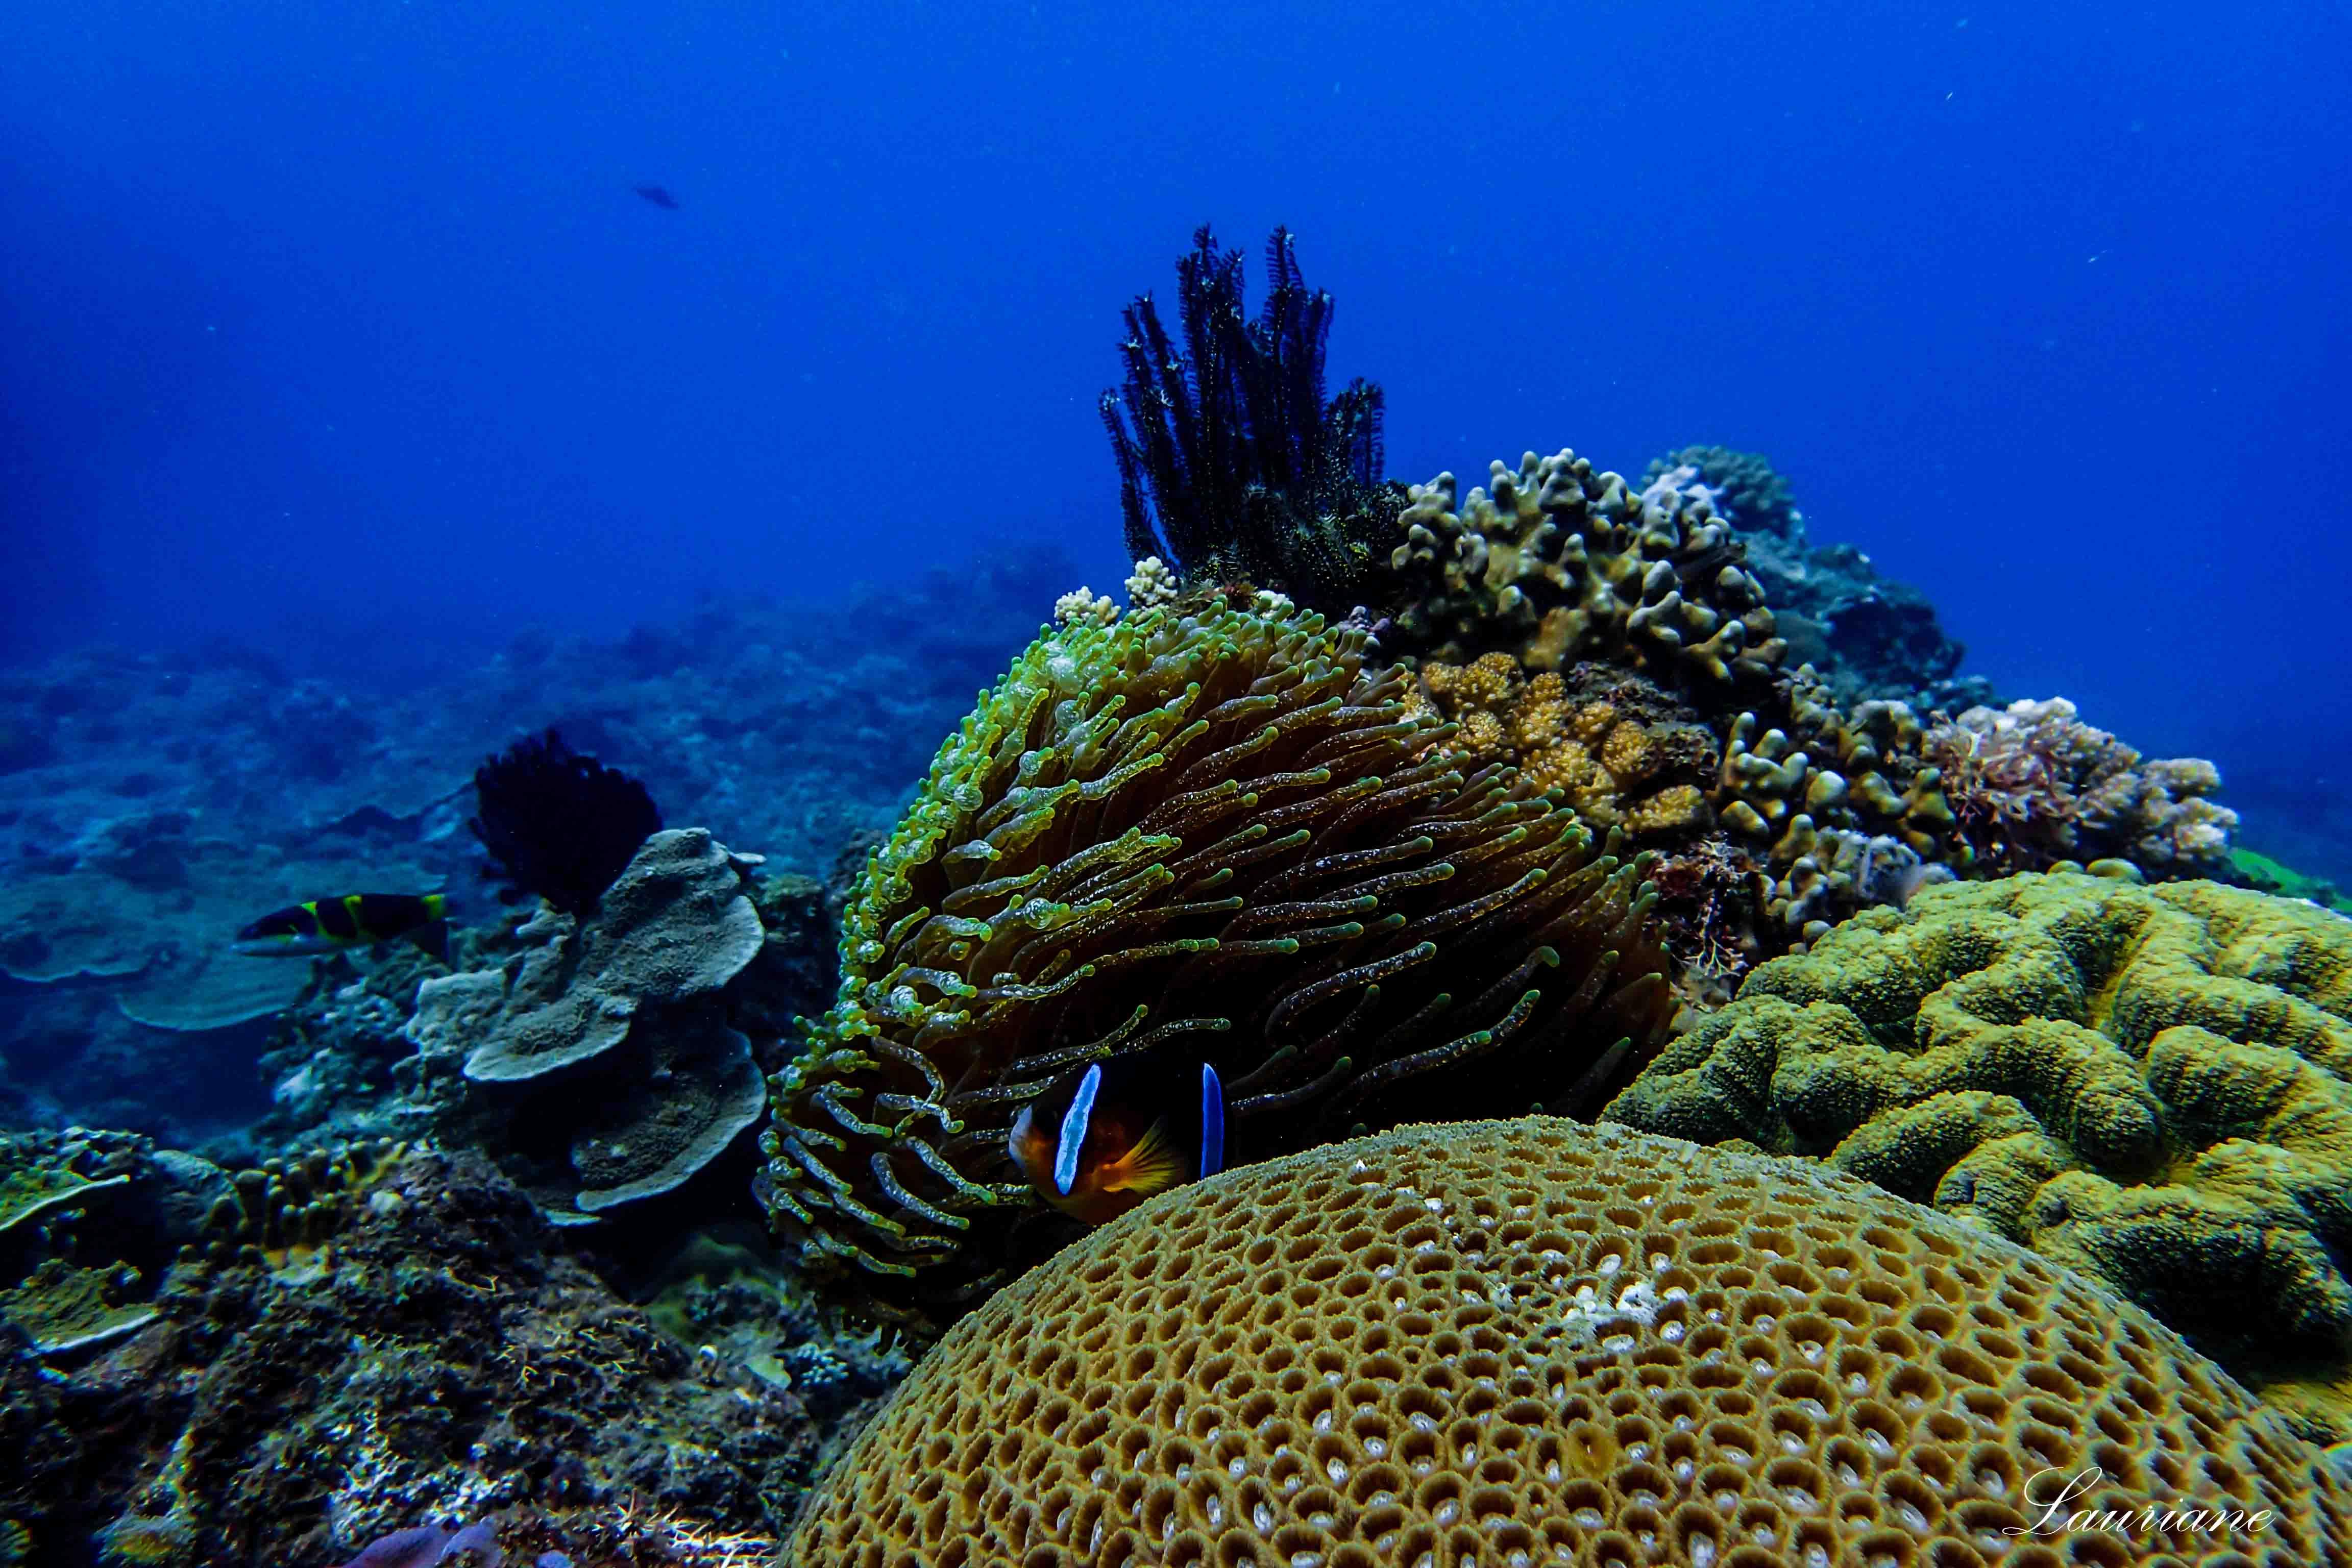 Lauriane 潛水時拍攝的海底風景。圖│Lauriane